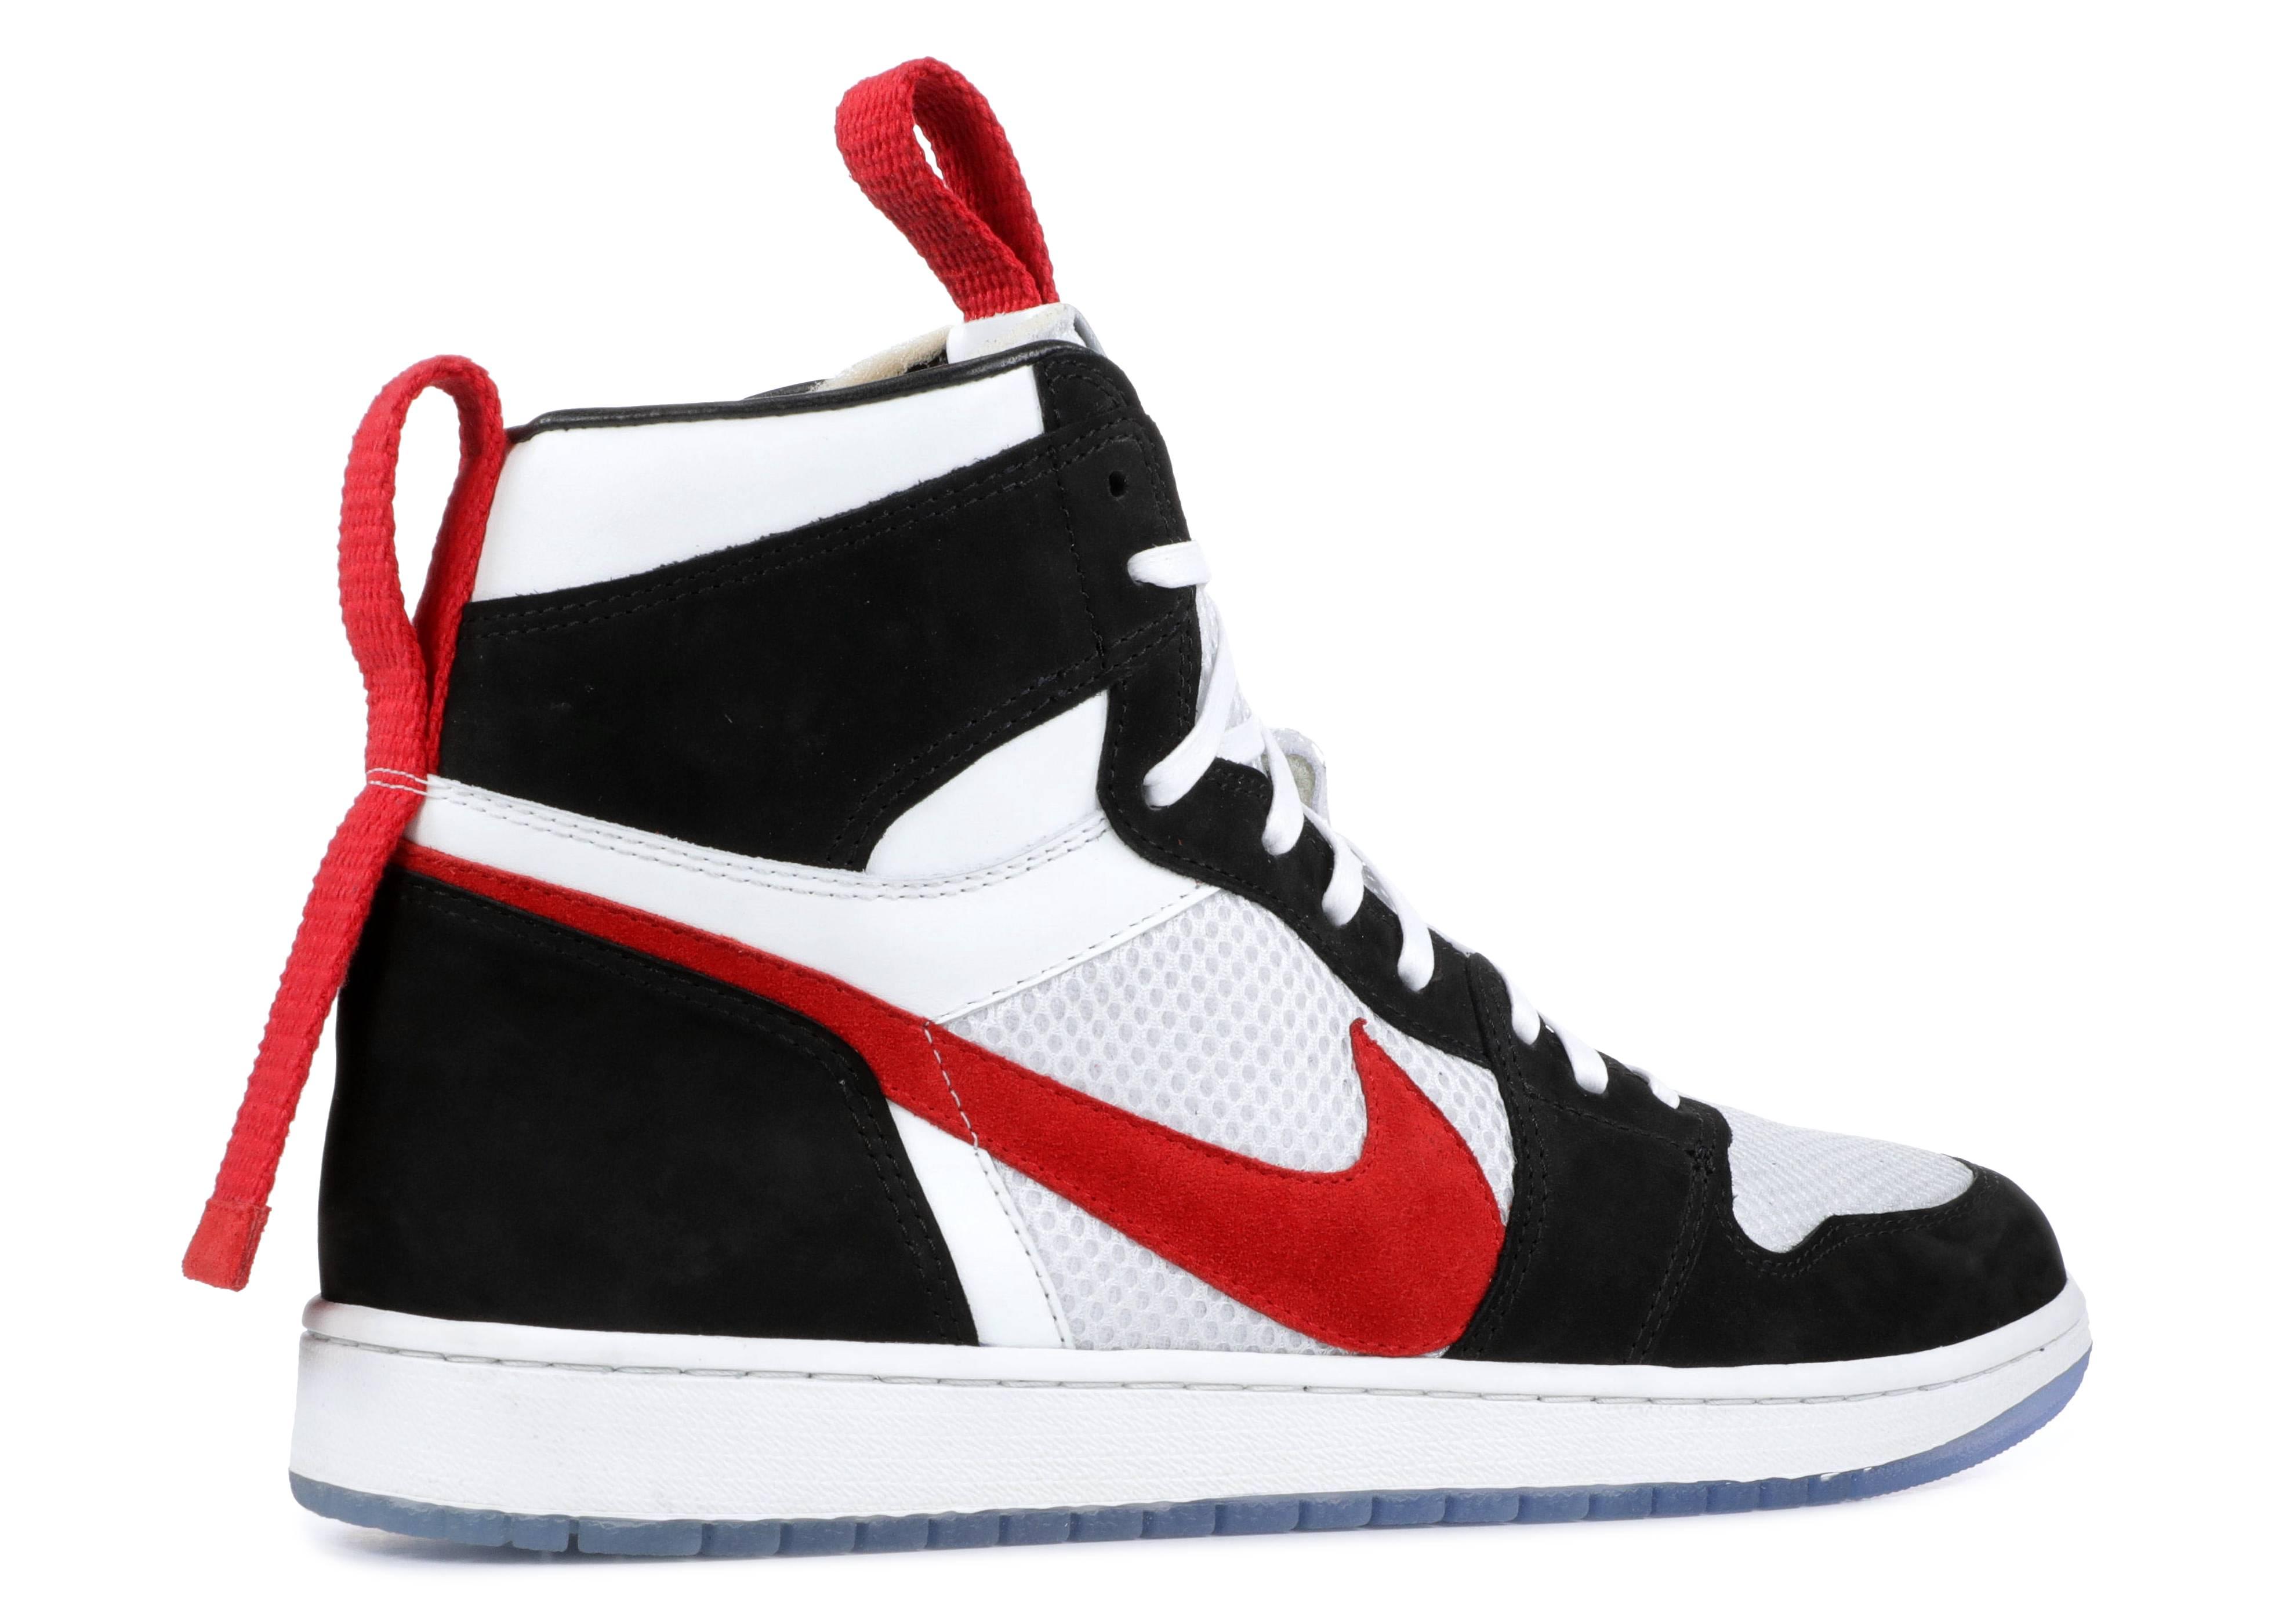 88a15774217 Air Jordan 1